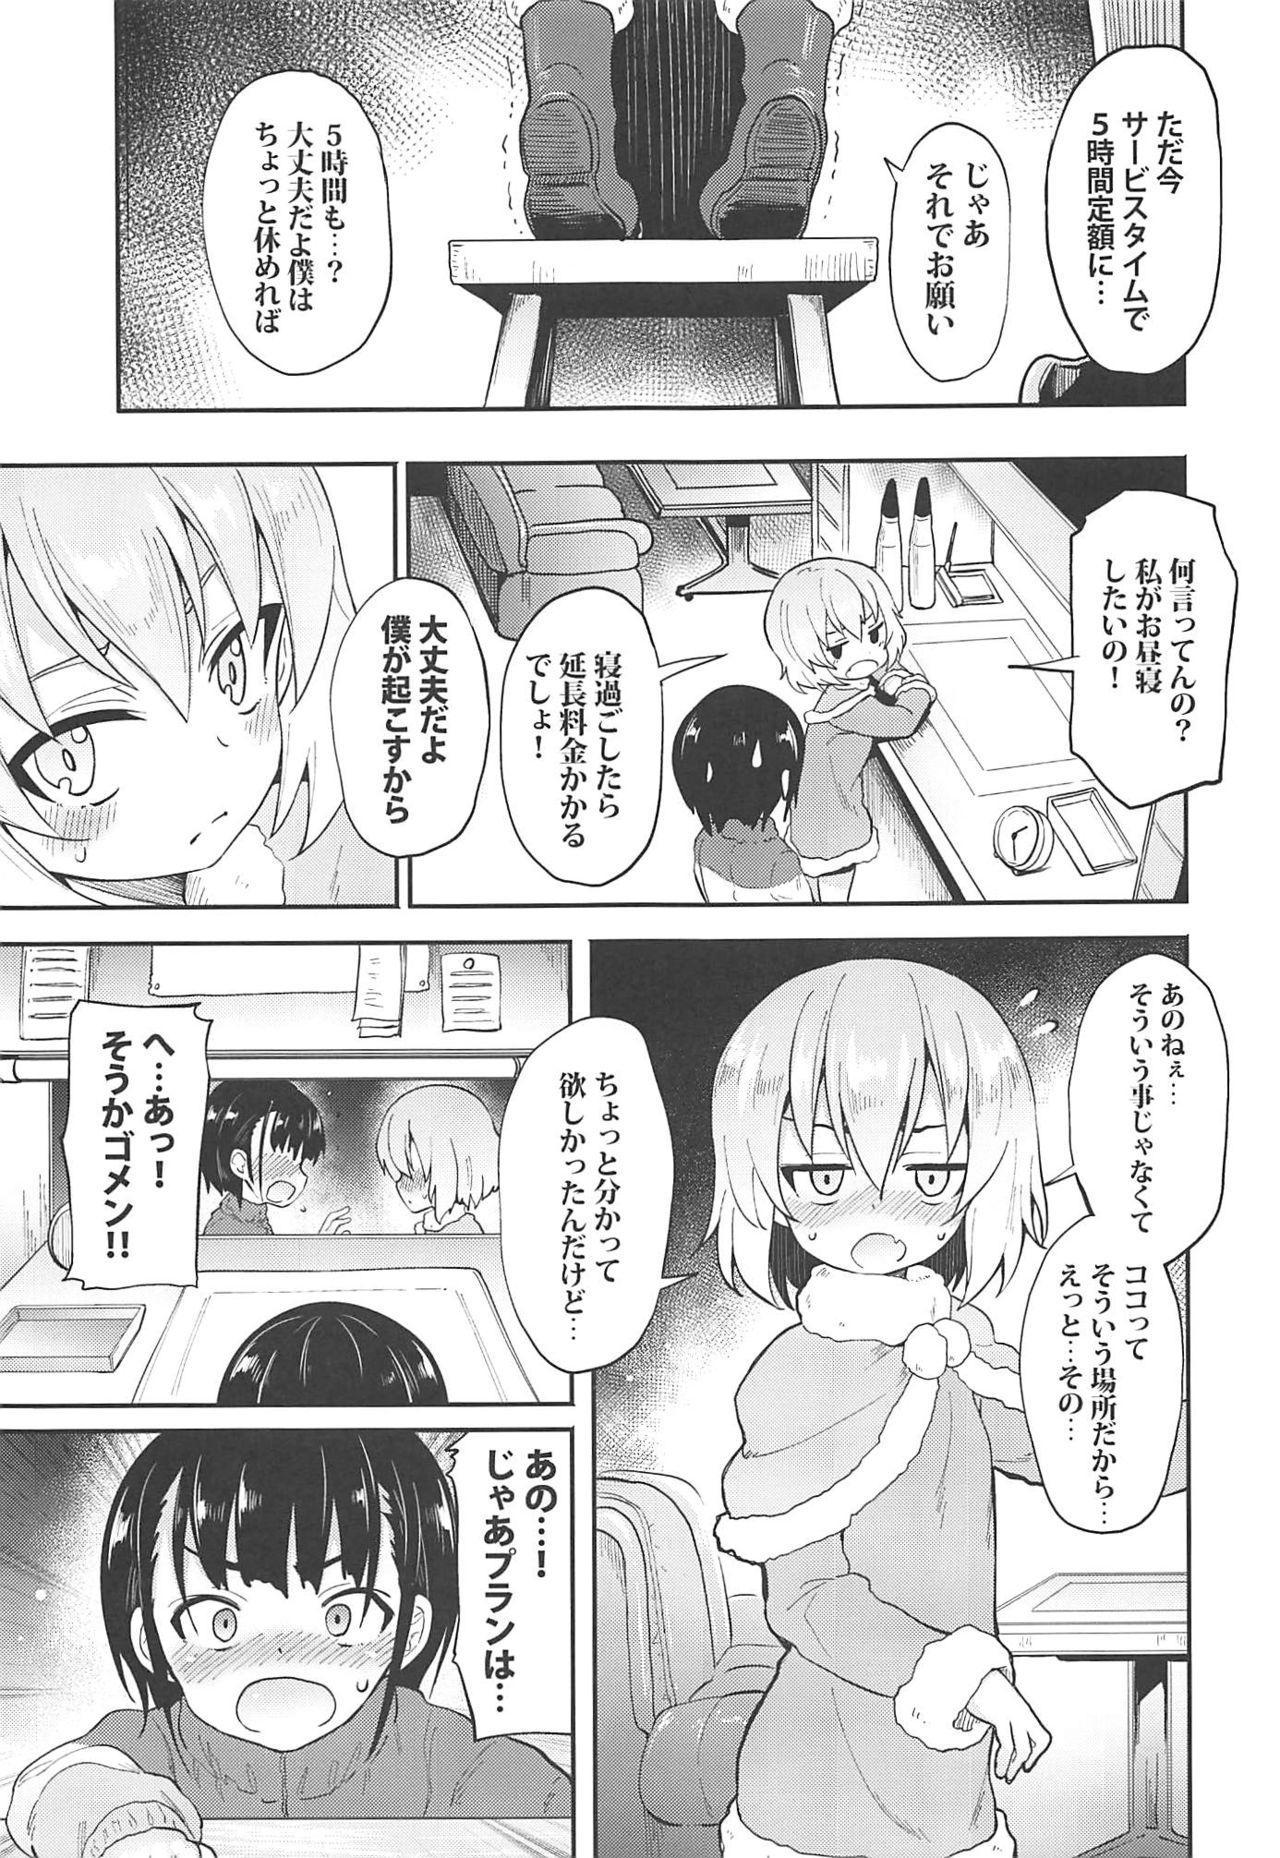 Katyusha ni Kokuhaku Shite Mita After 3